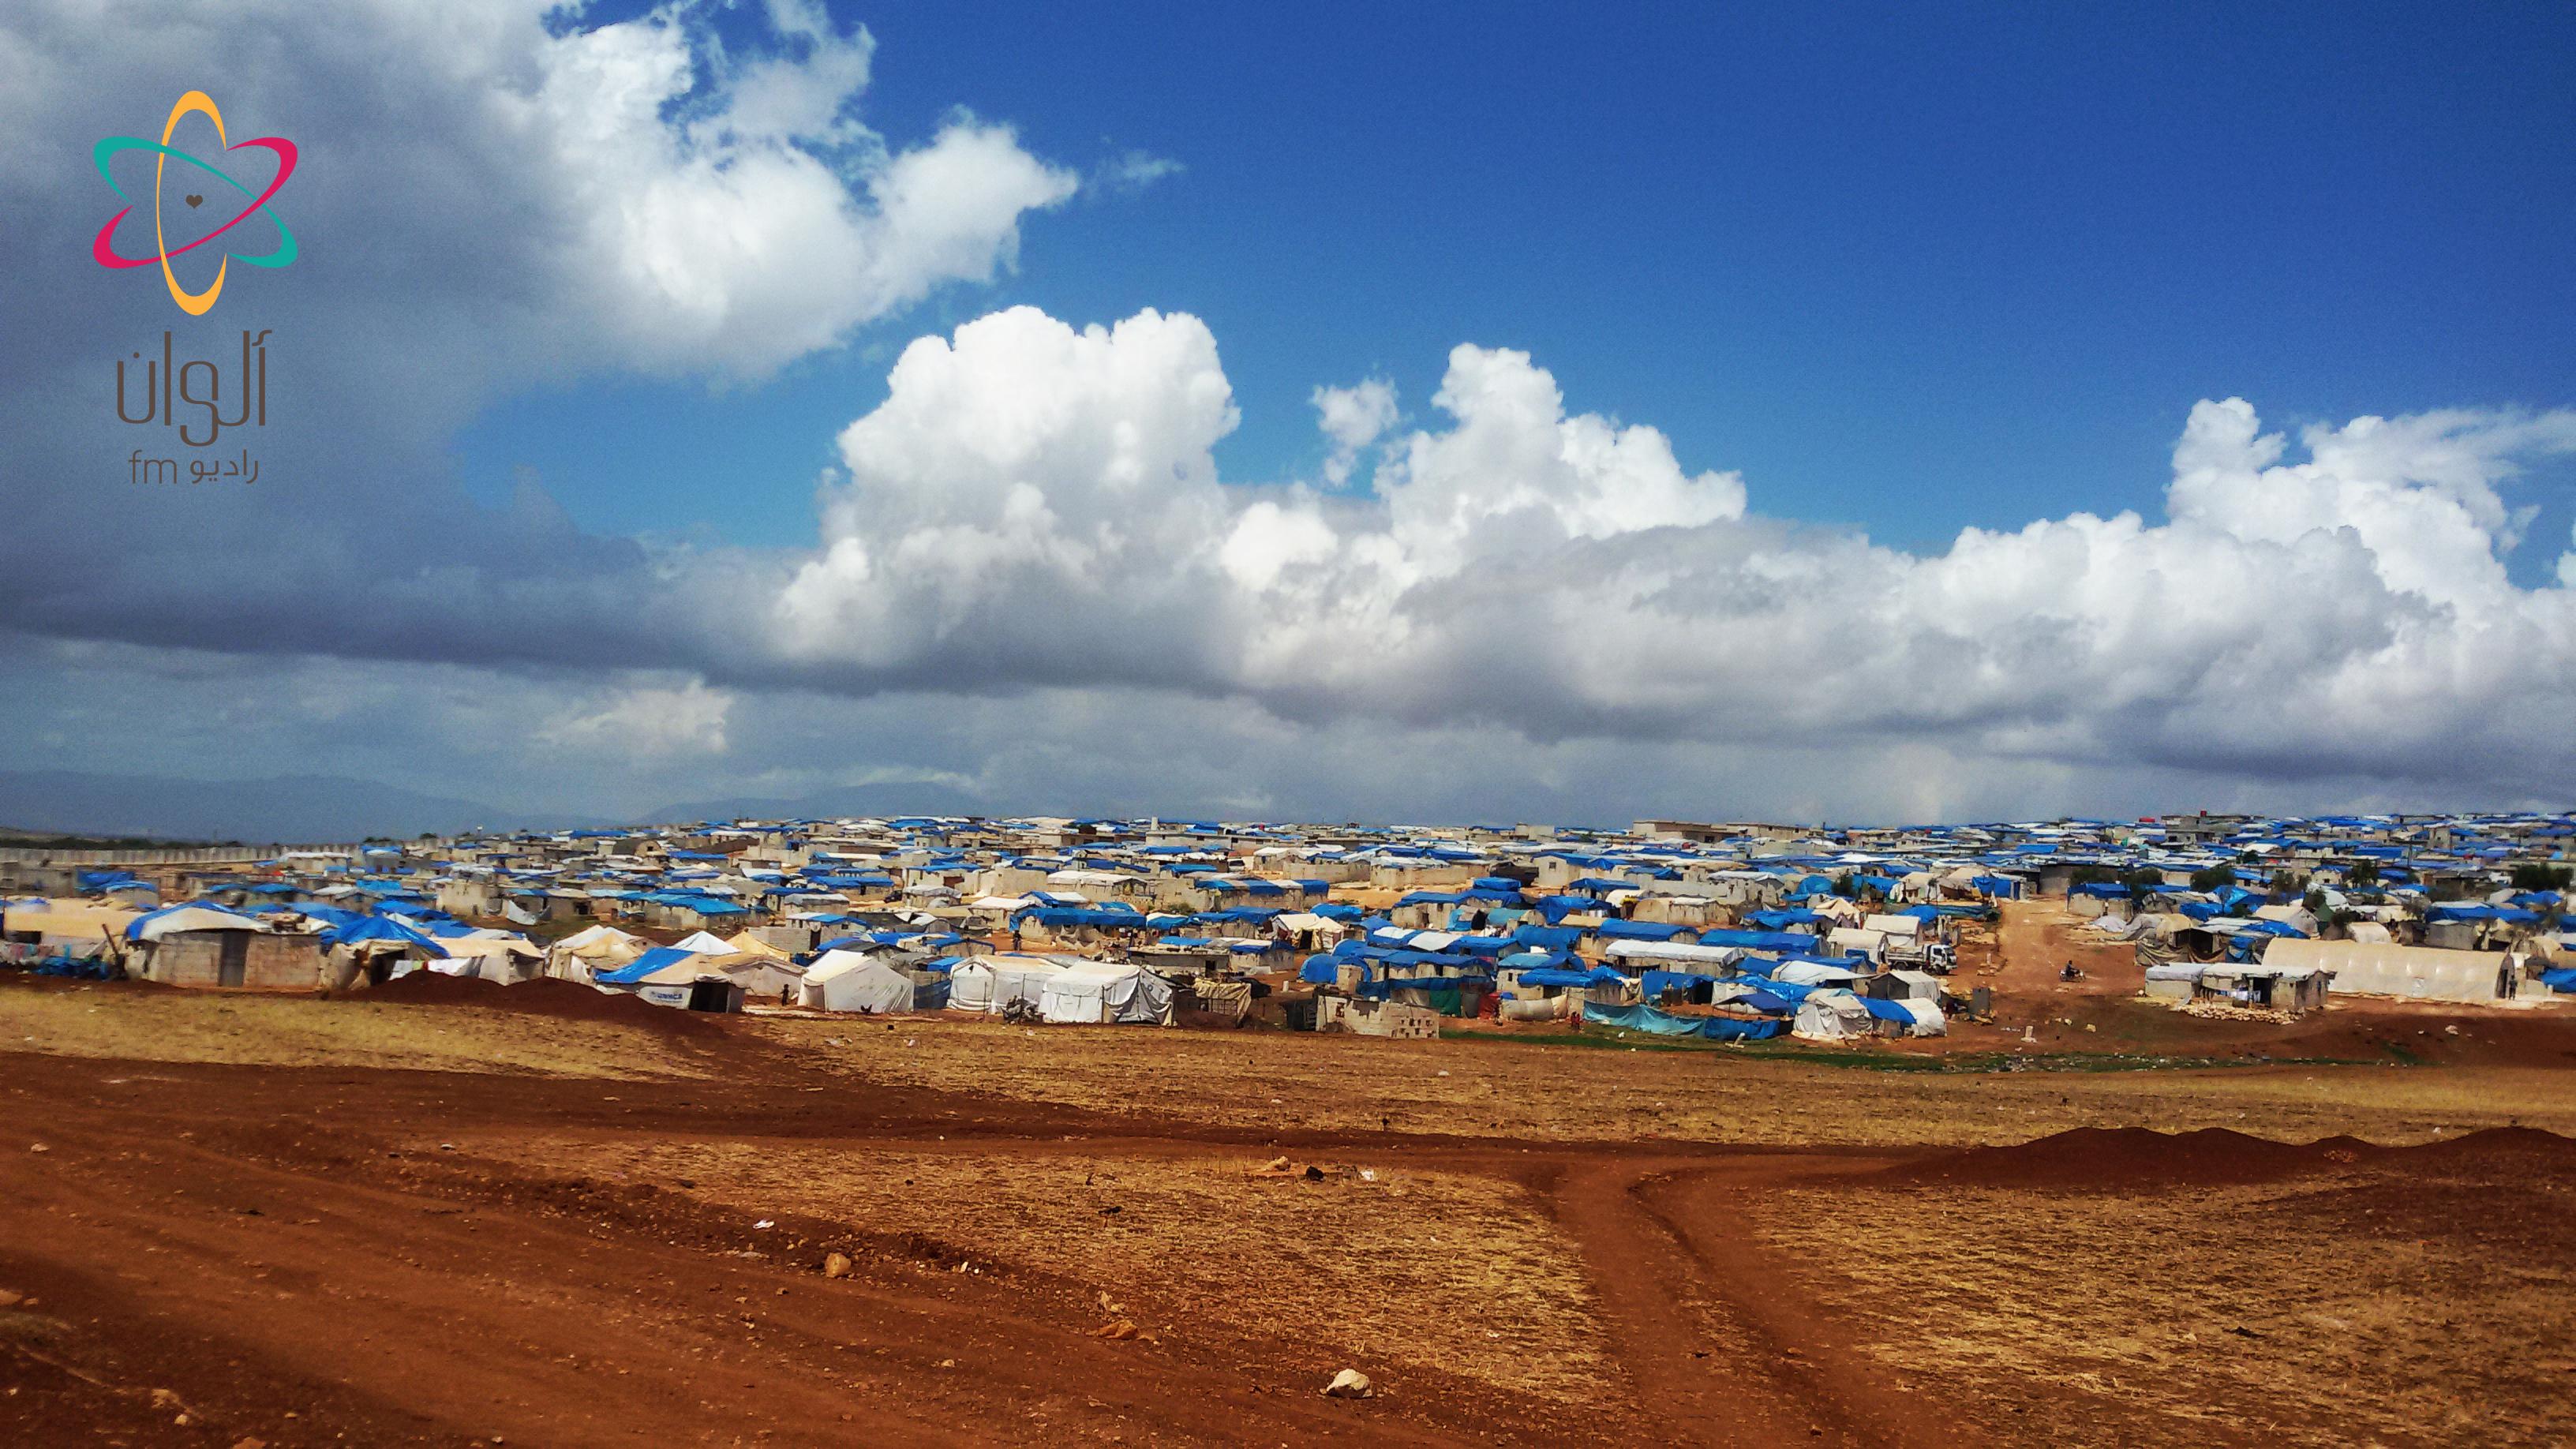 تجمع مخيمات أطمة على الحدود السورية التركية/5 أيار 2016/بعدسة أبو العلاء الحلبي مراسل راديو ألوان في حلب وريفها.